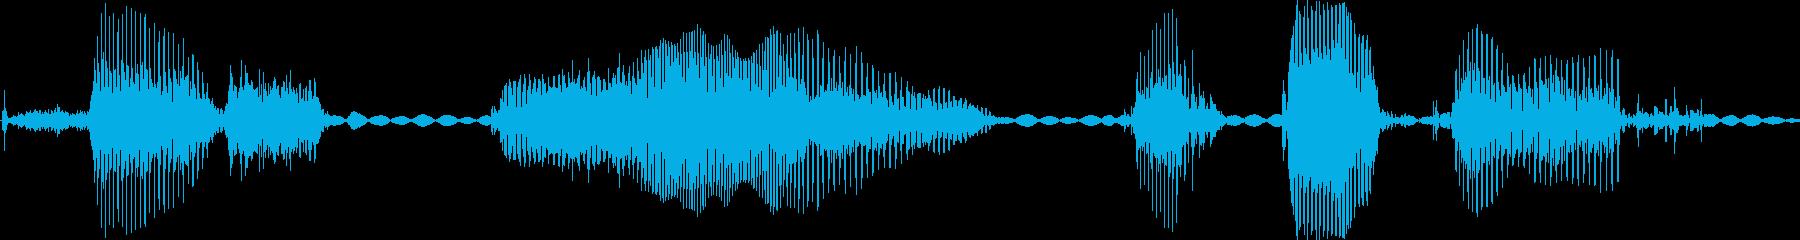 オペレーター女性用のコンピューター...の再生済みの波形